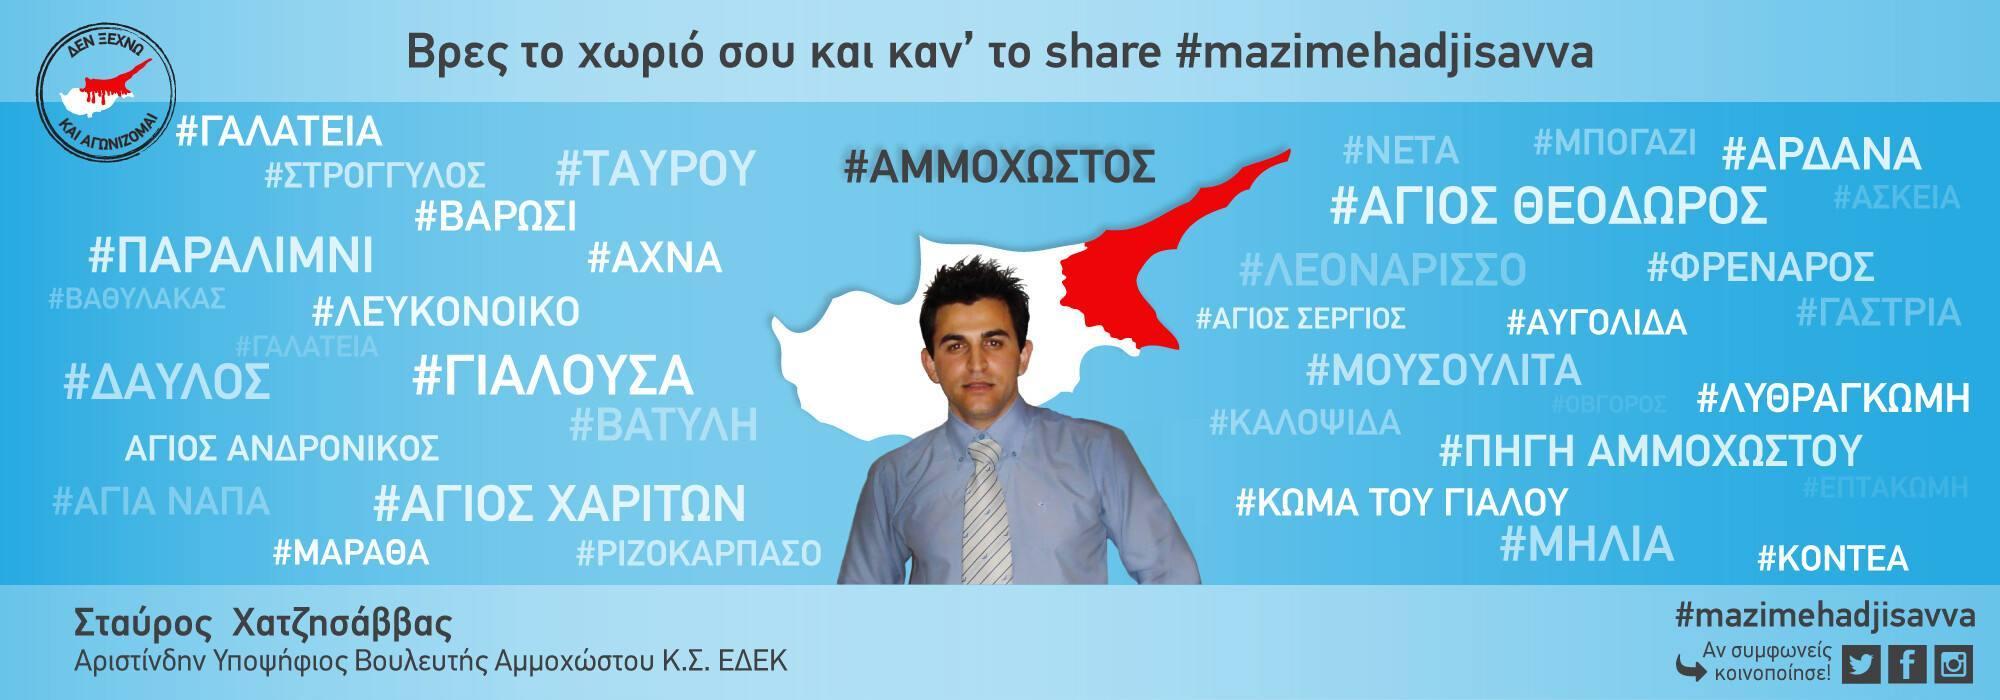 Βρες το χωριό σου και καν' το share #mazimehadjisavva